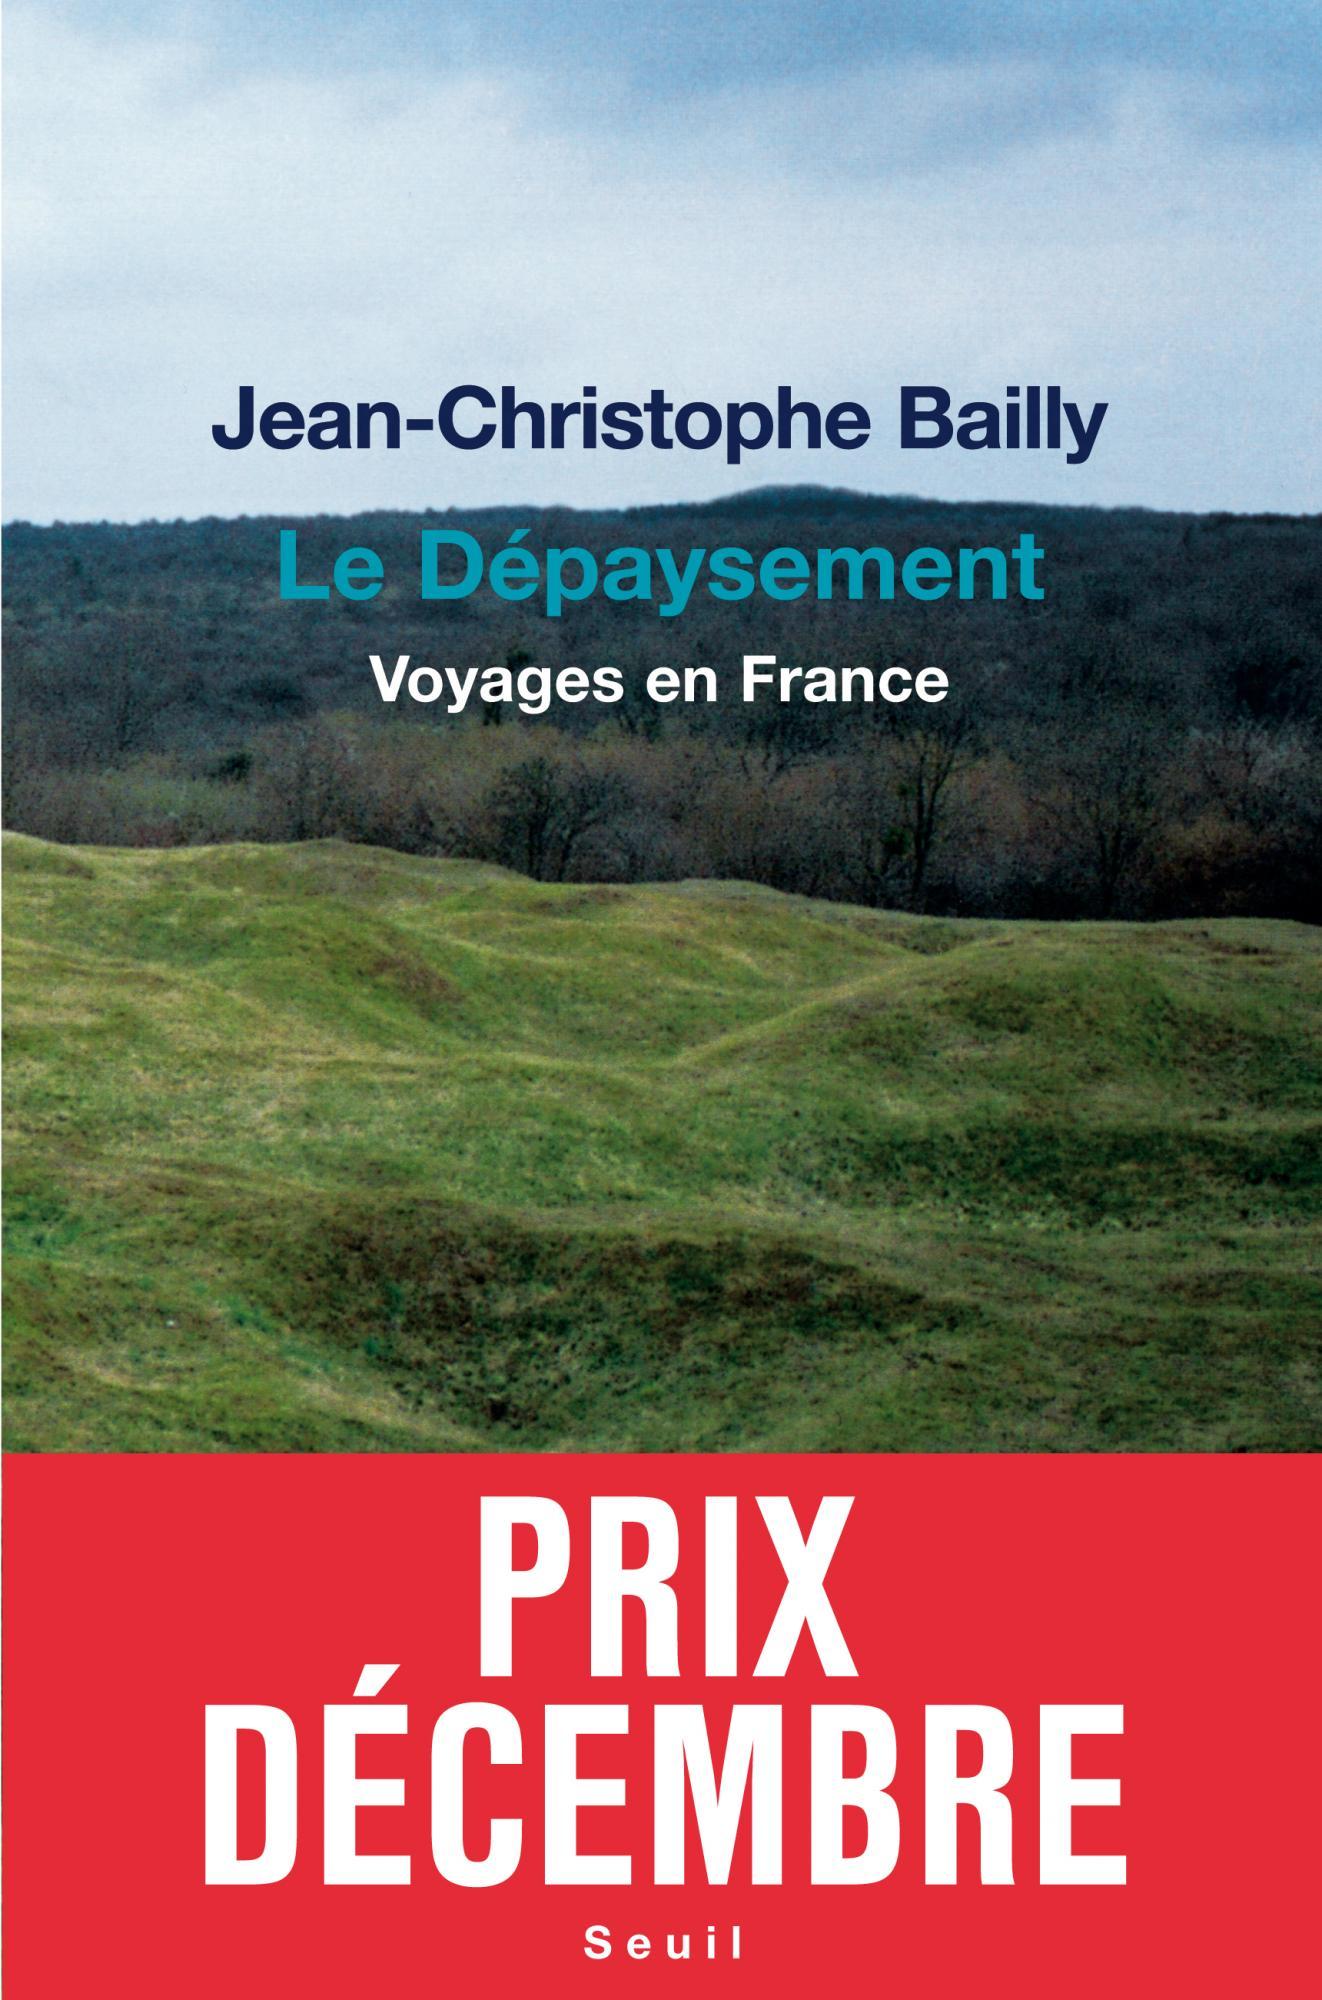 J.-C. Bailly, <em>Le Dépaysement. Voyages en France</em> en libre accès (Le Seuil du jour)